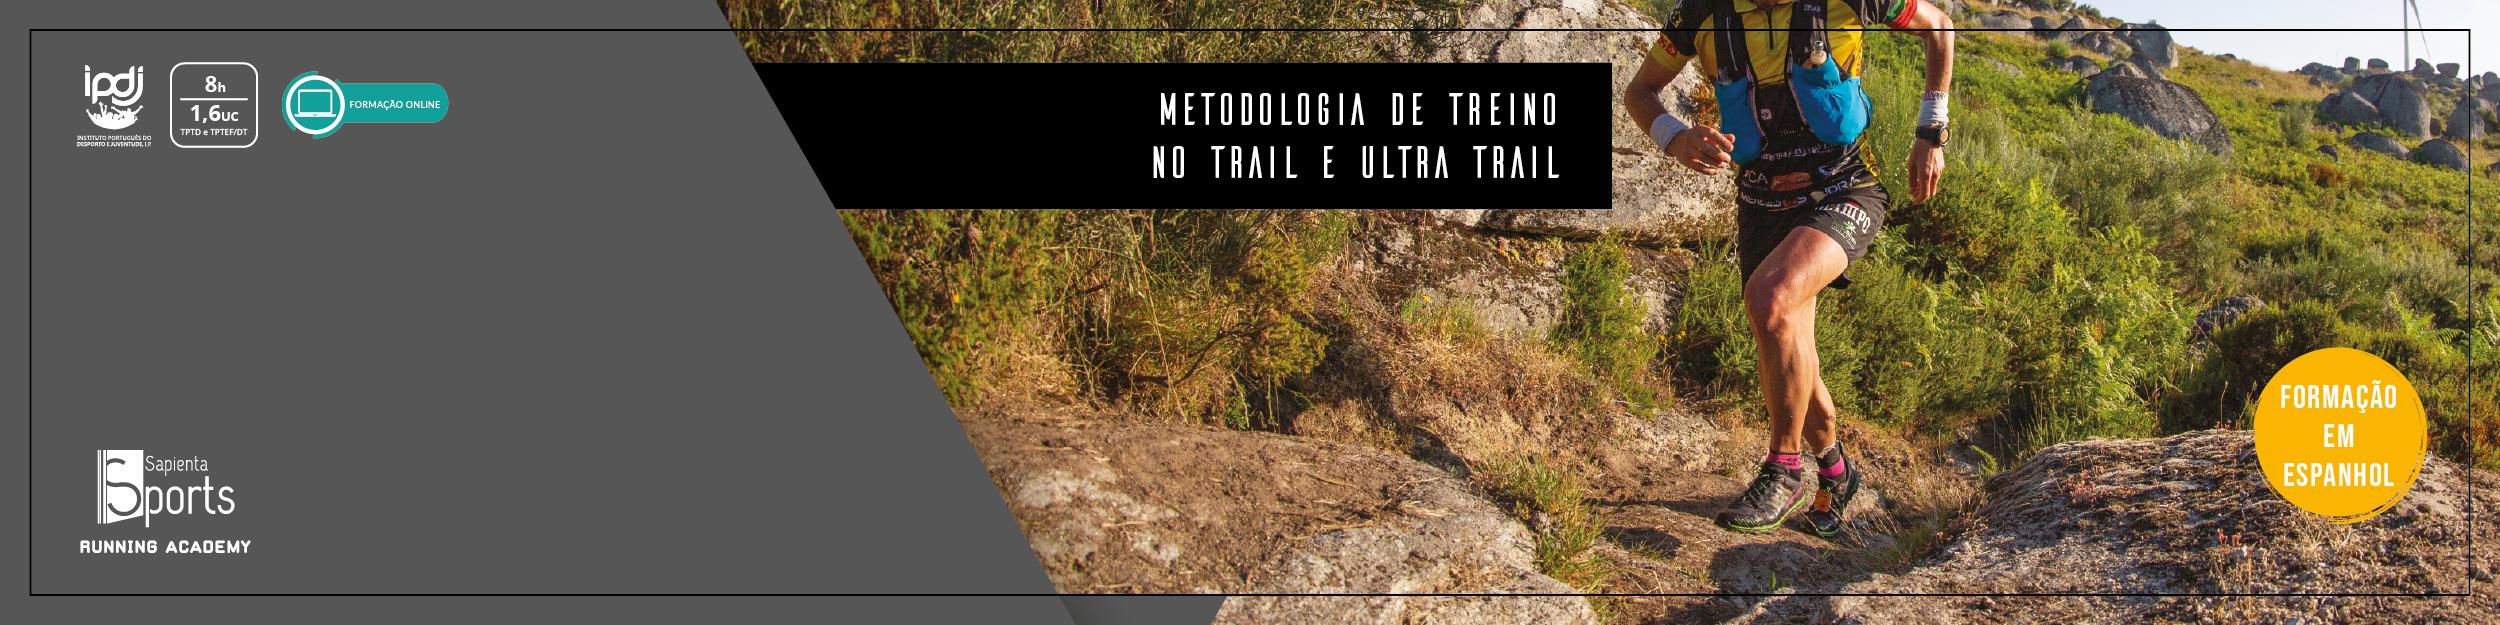 Metodologia de Treino no Trail e Ultra Trail